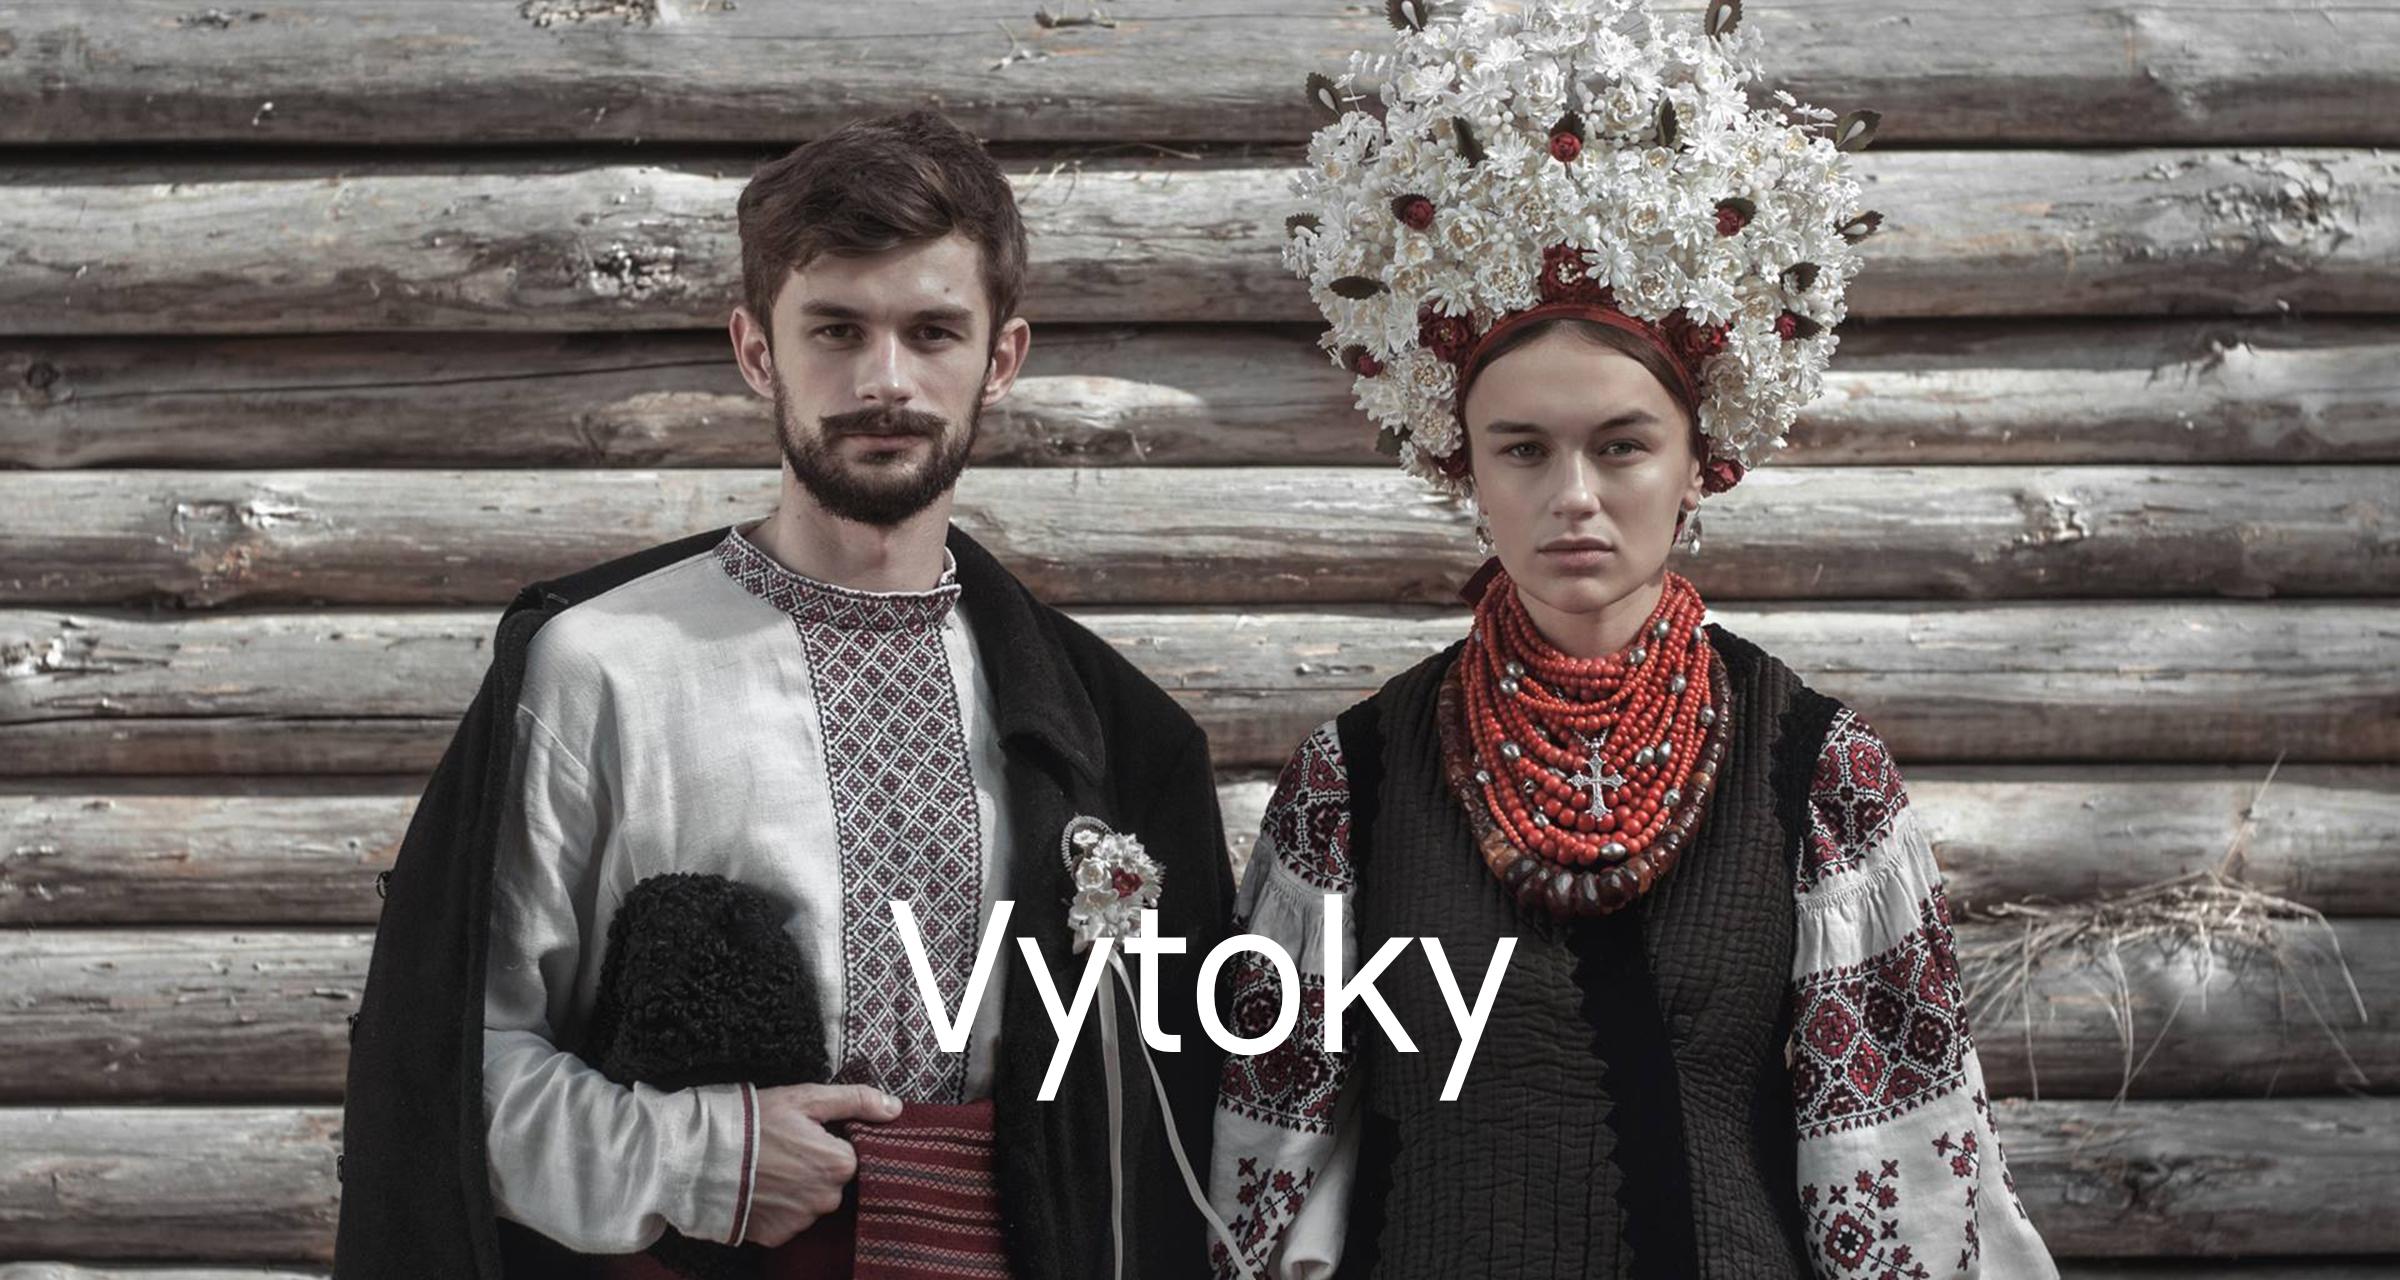 image_vytoky@2x